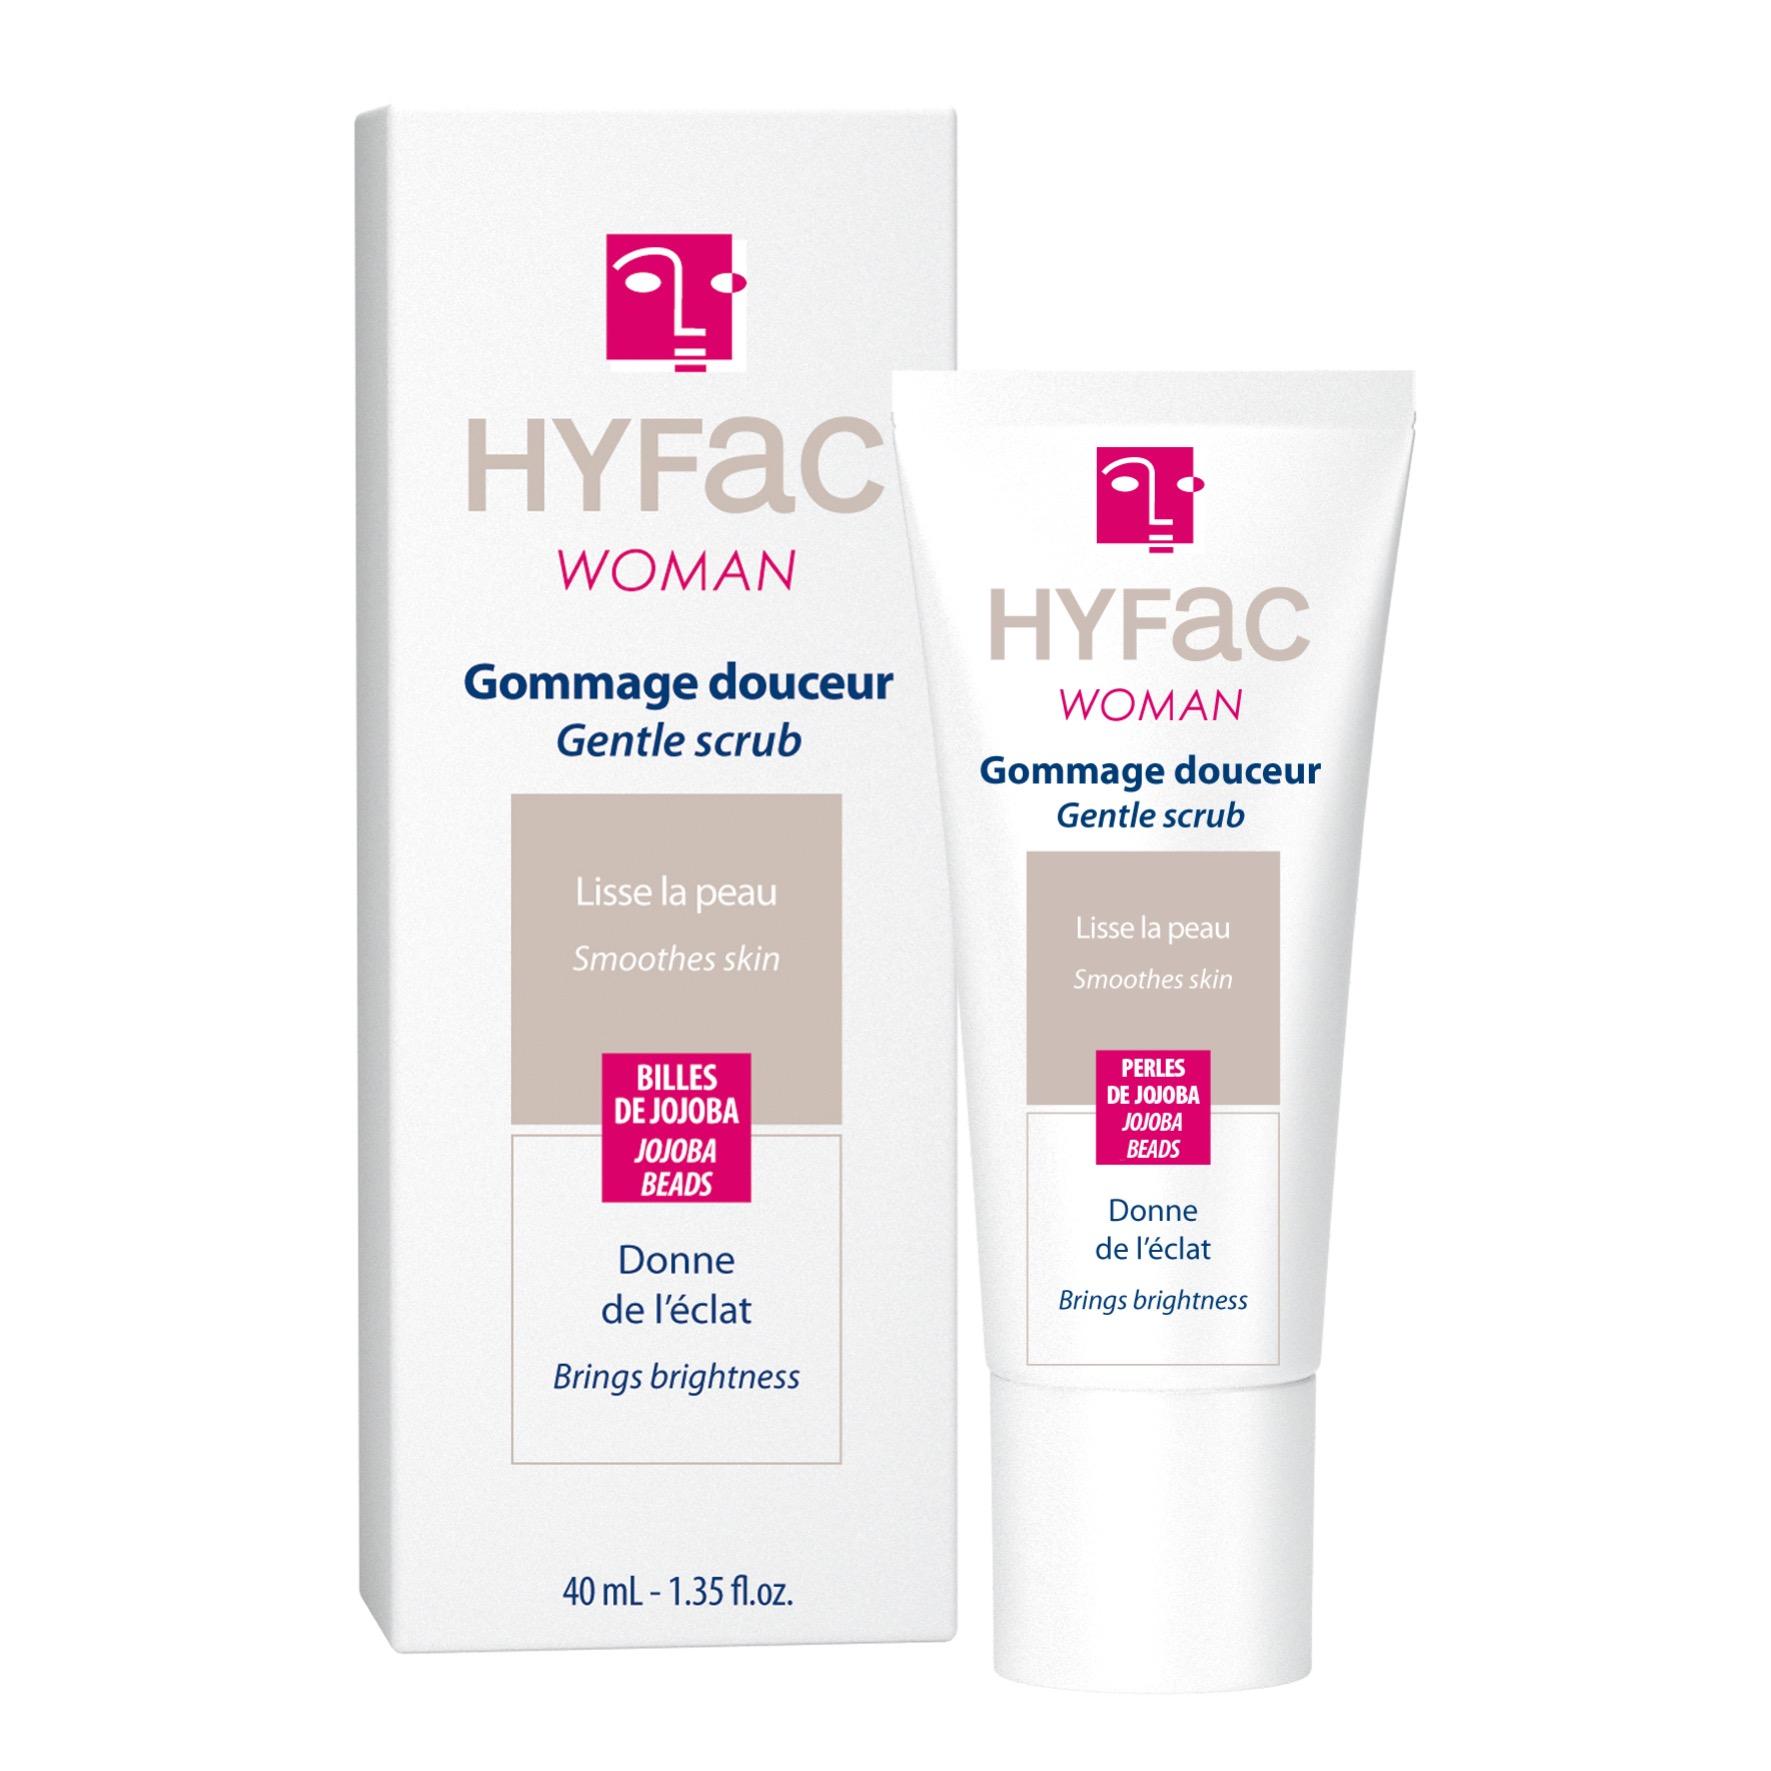 HYFAC WOMAN gentle exfoliating scrub